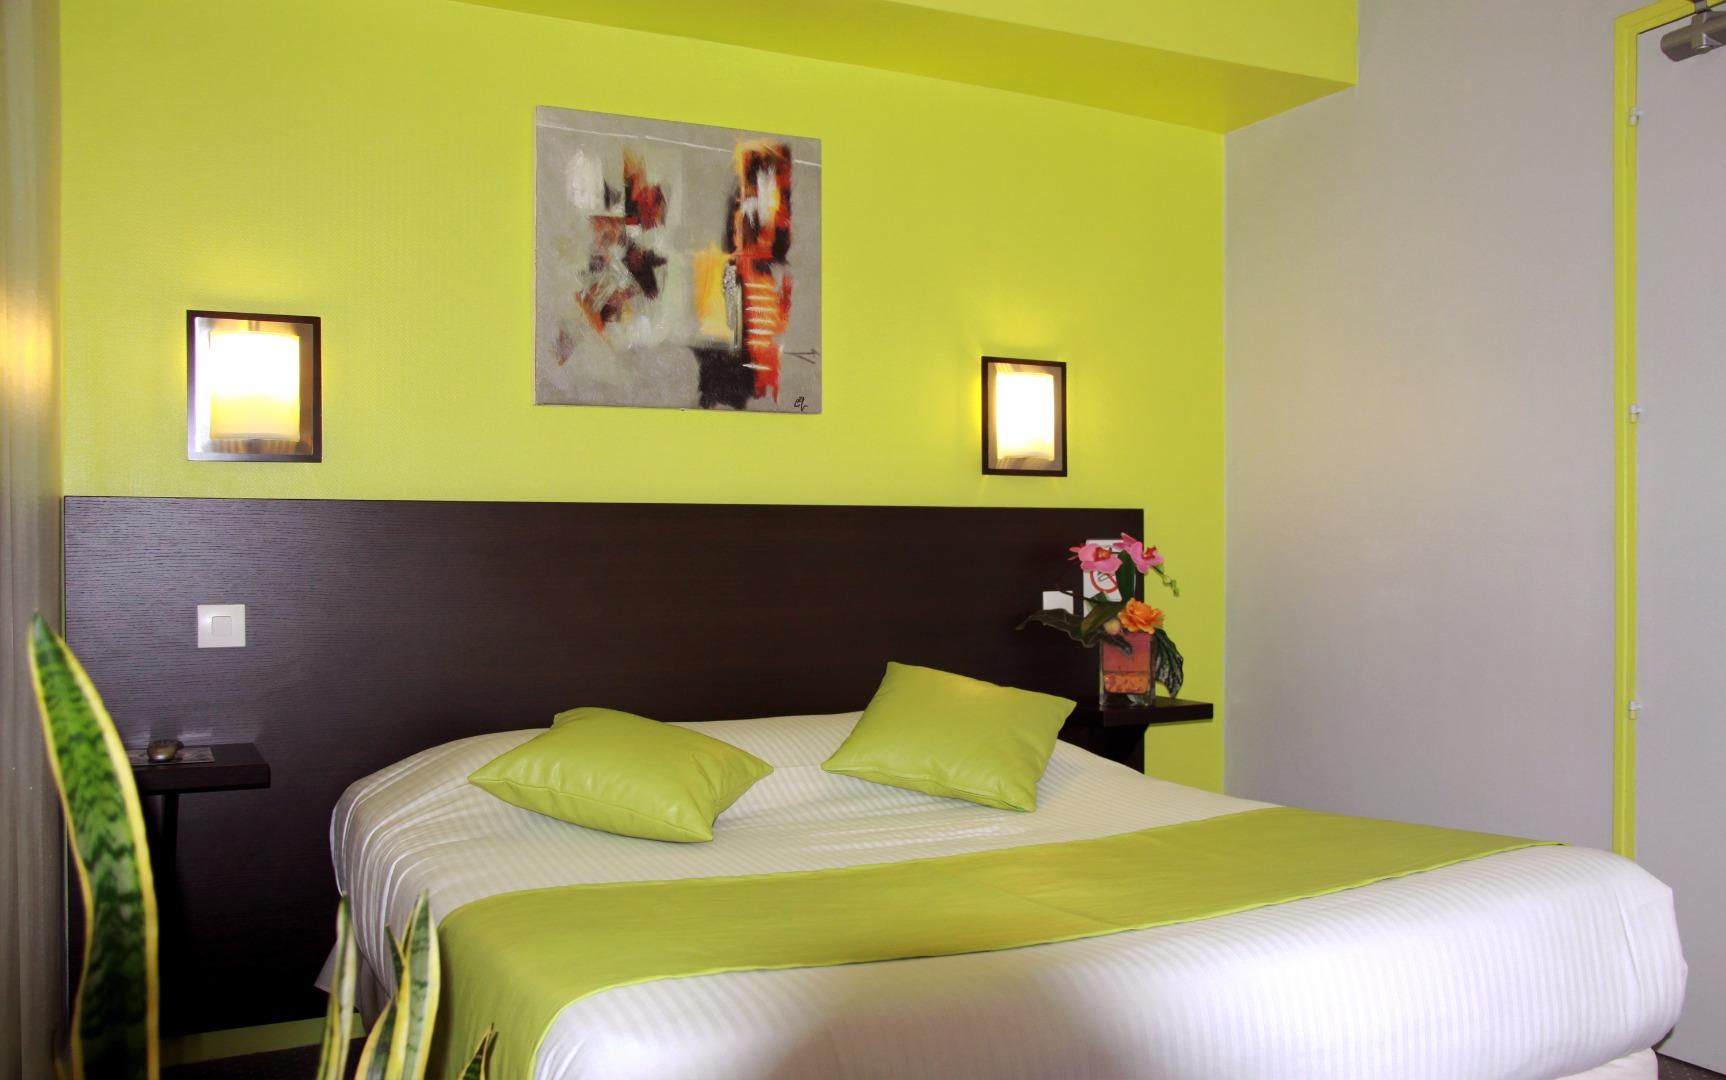 Hotel bordeaux chartrons notre dame official website for Hotel notre dame bordeaux